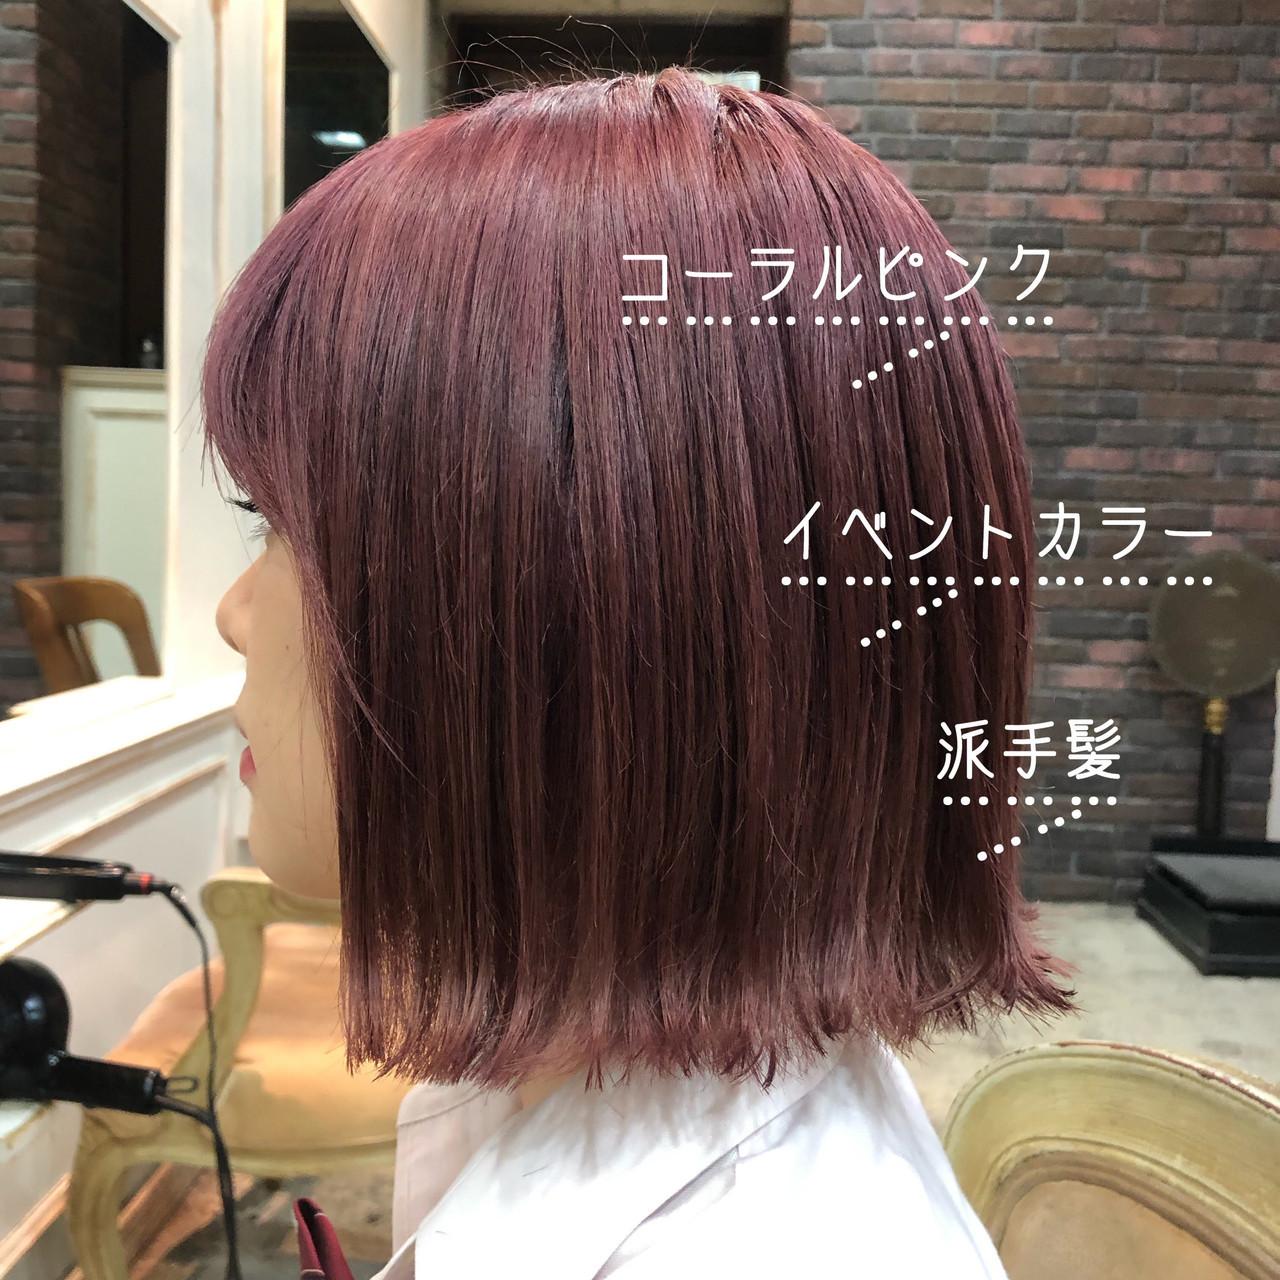 ボブ ストリート ピンク ミニボブ ヘアスタイルや髪型の写真・画像